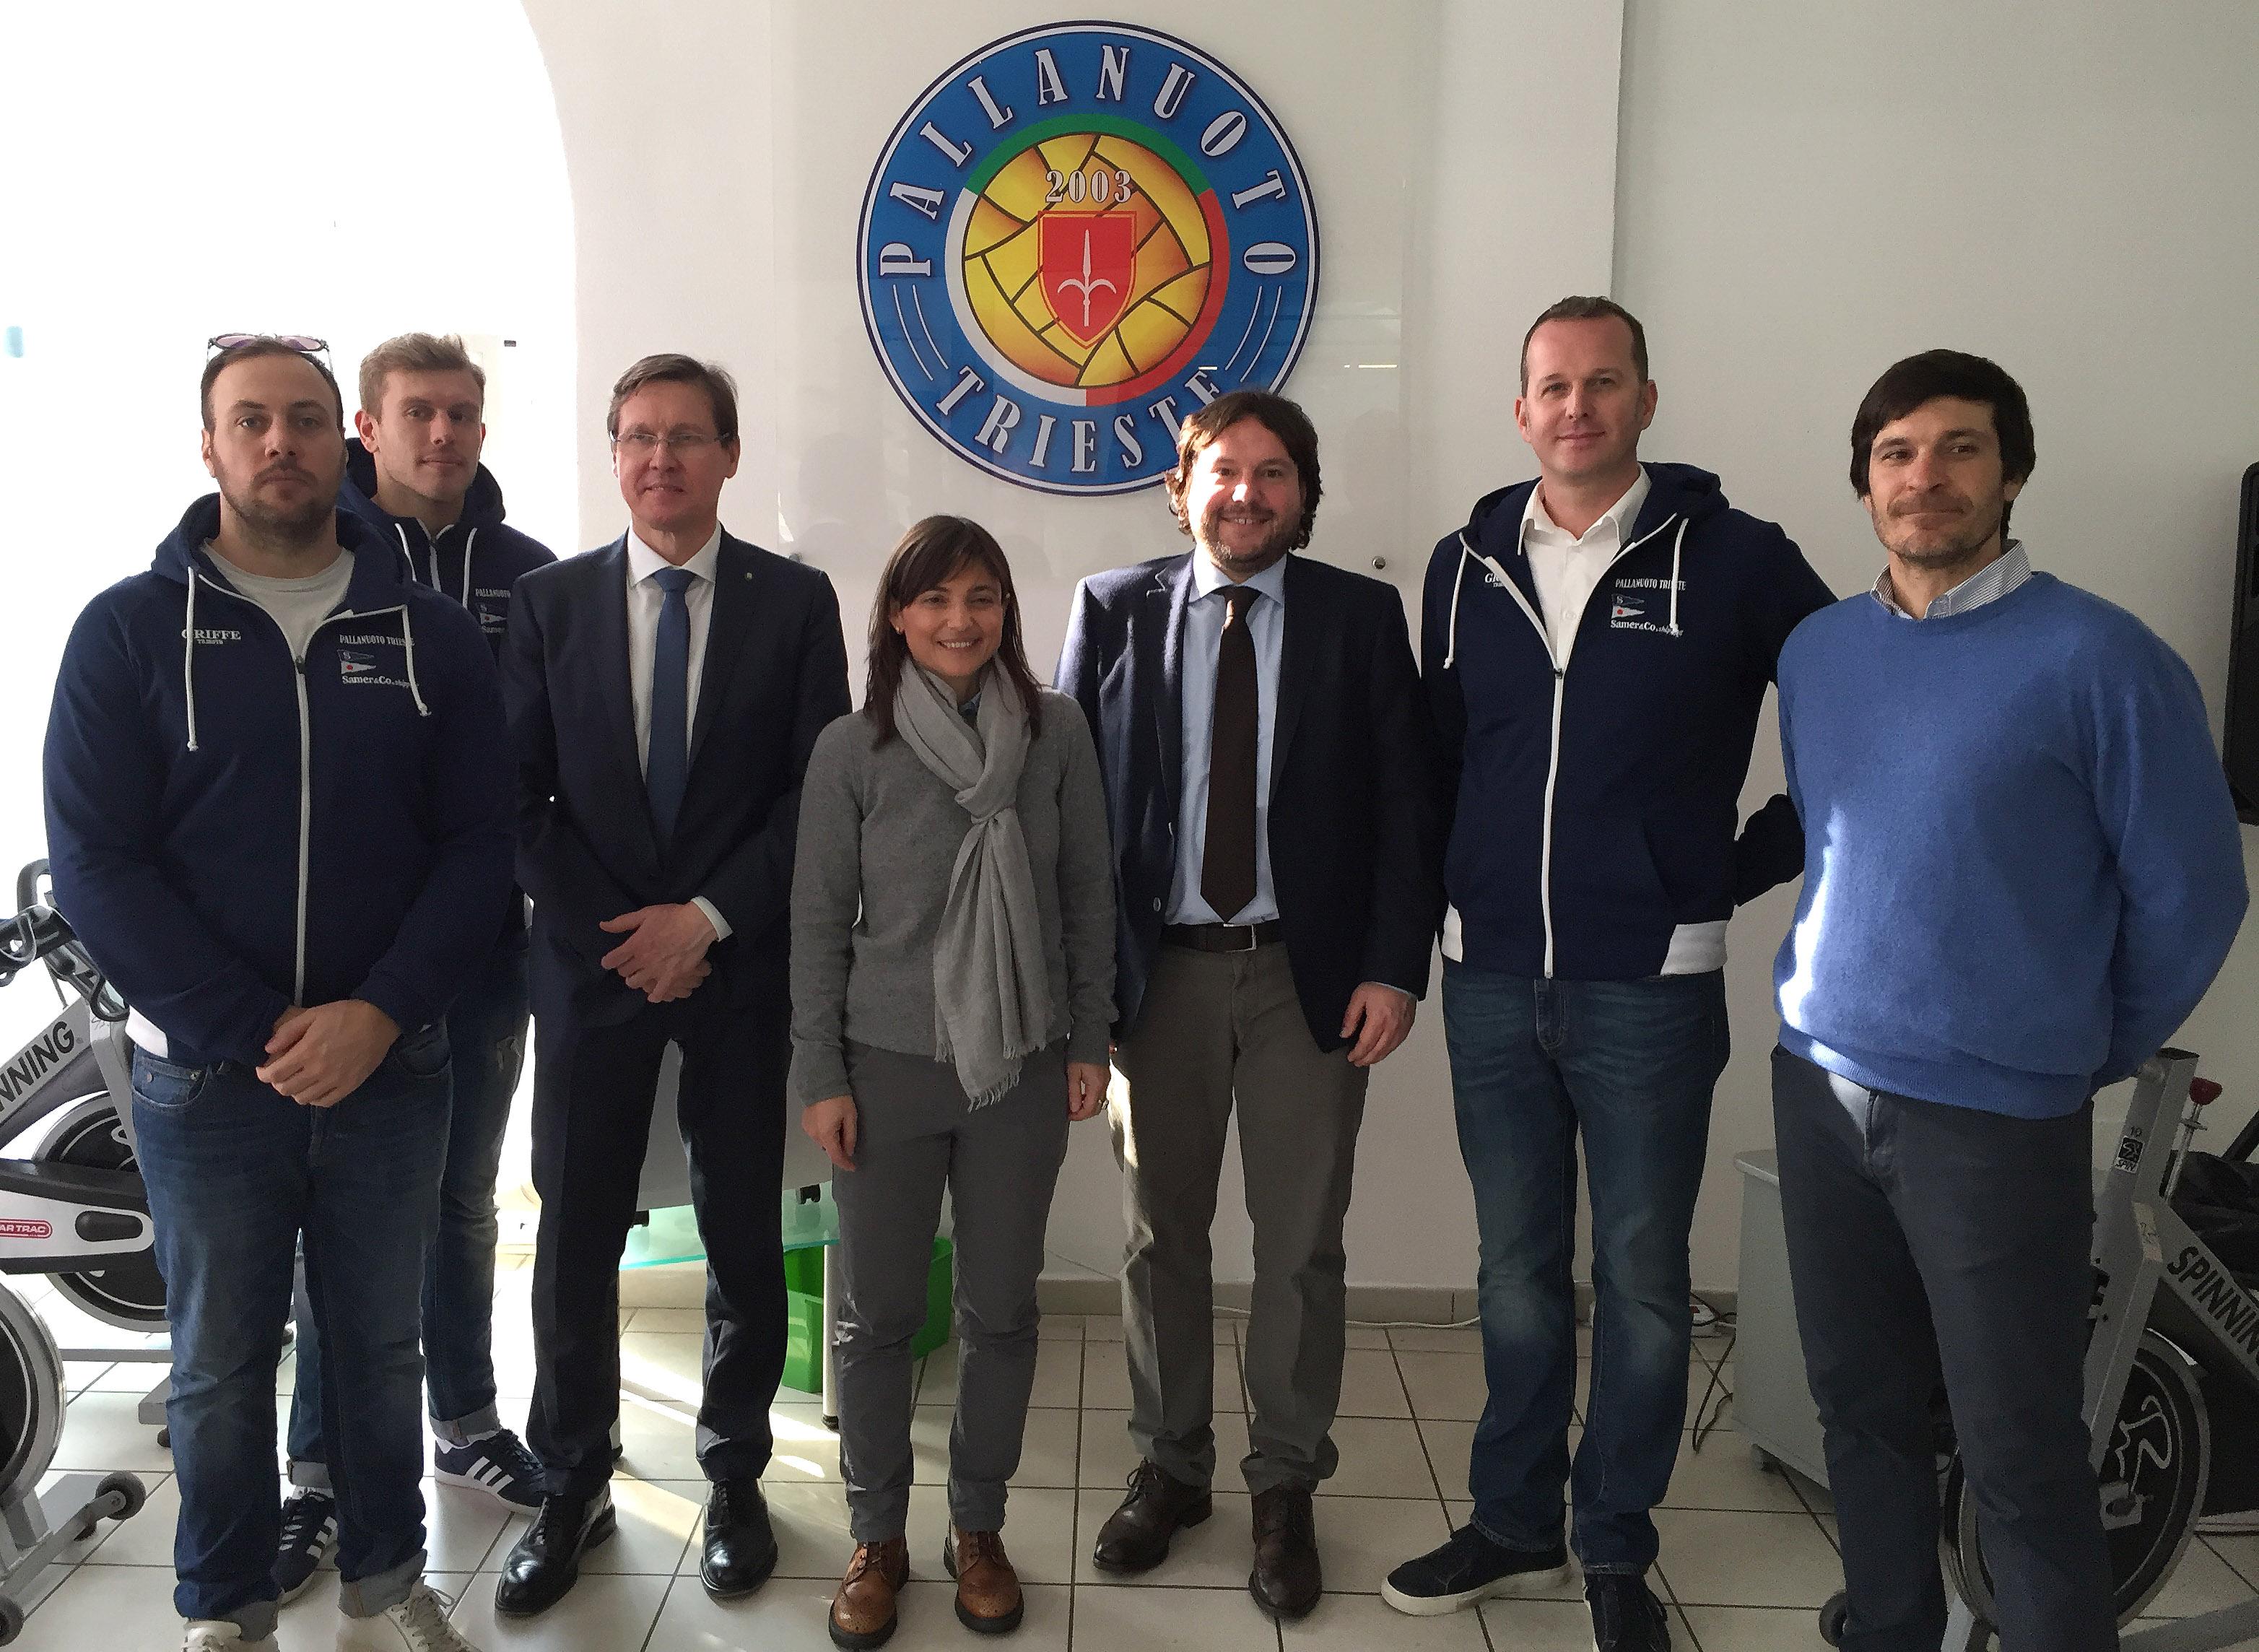 La presidente della Regione Friuli Venezia Giulia Debora Serracchiani in visita alla Piscina di San Giovanni, l'impianto gestito direttamente dalla Pallanuoto Trieste